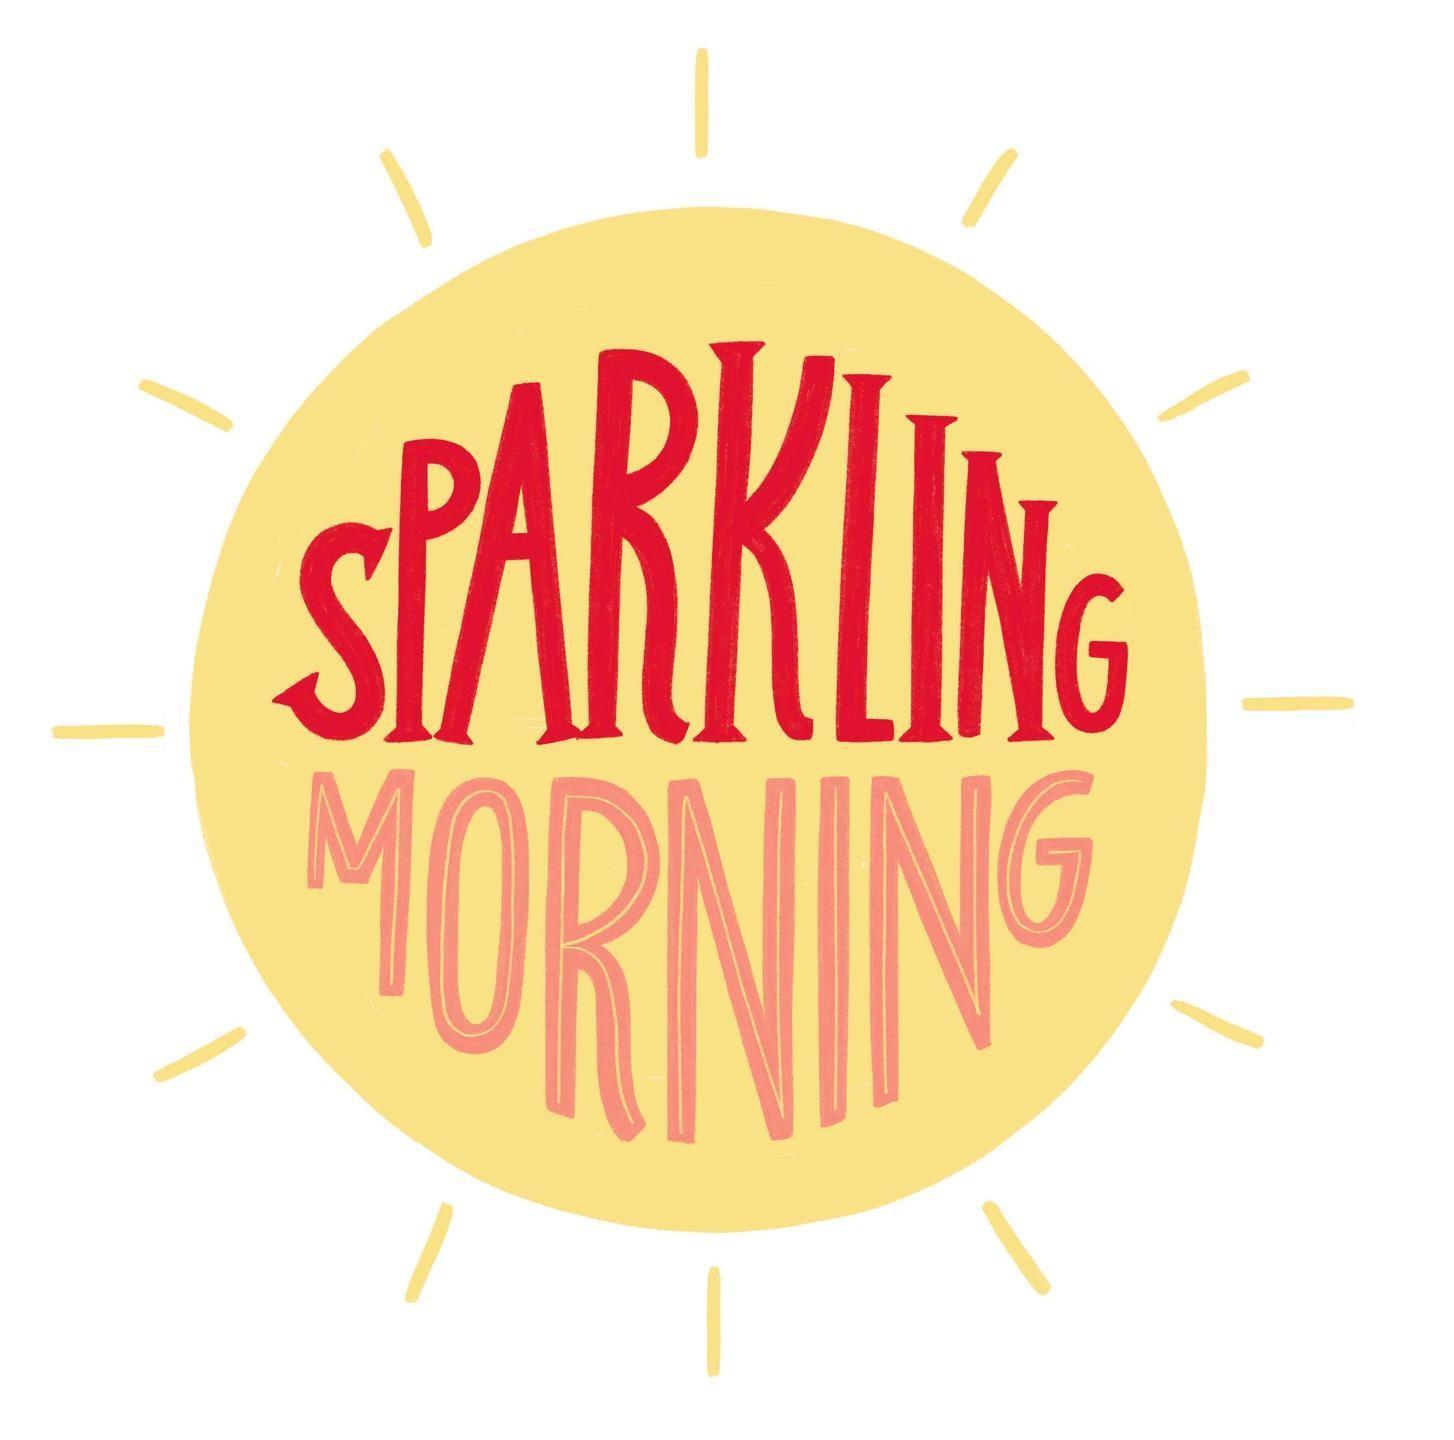 Marian-Duven-Sparkling-Sheep-Morning